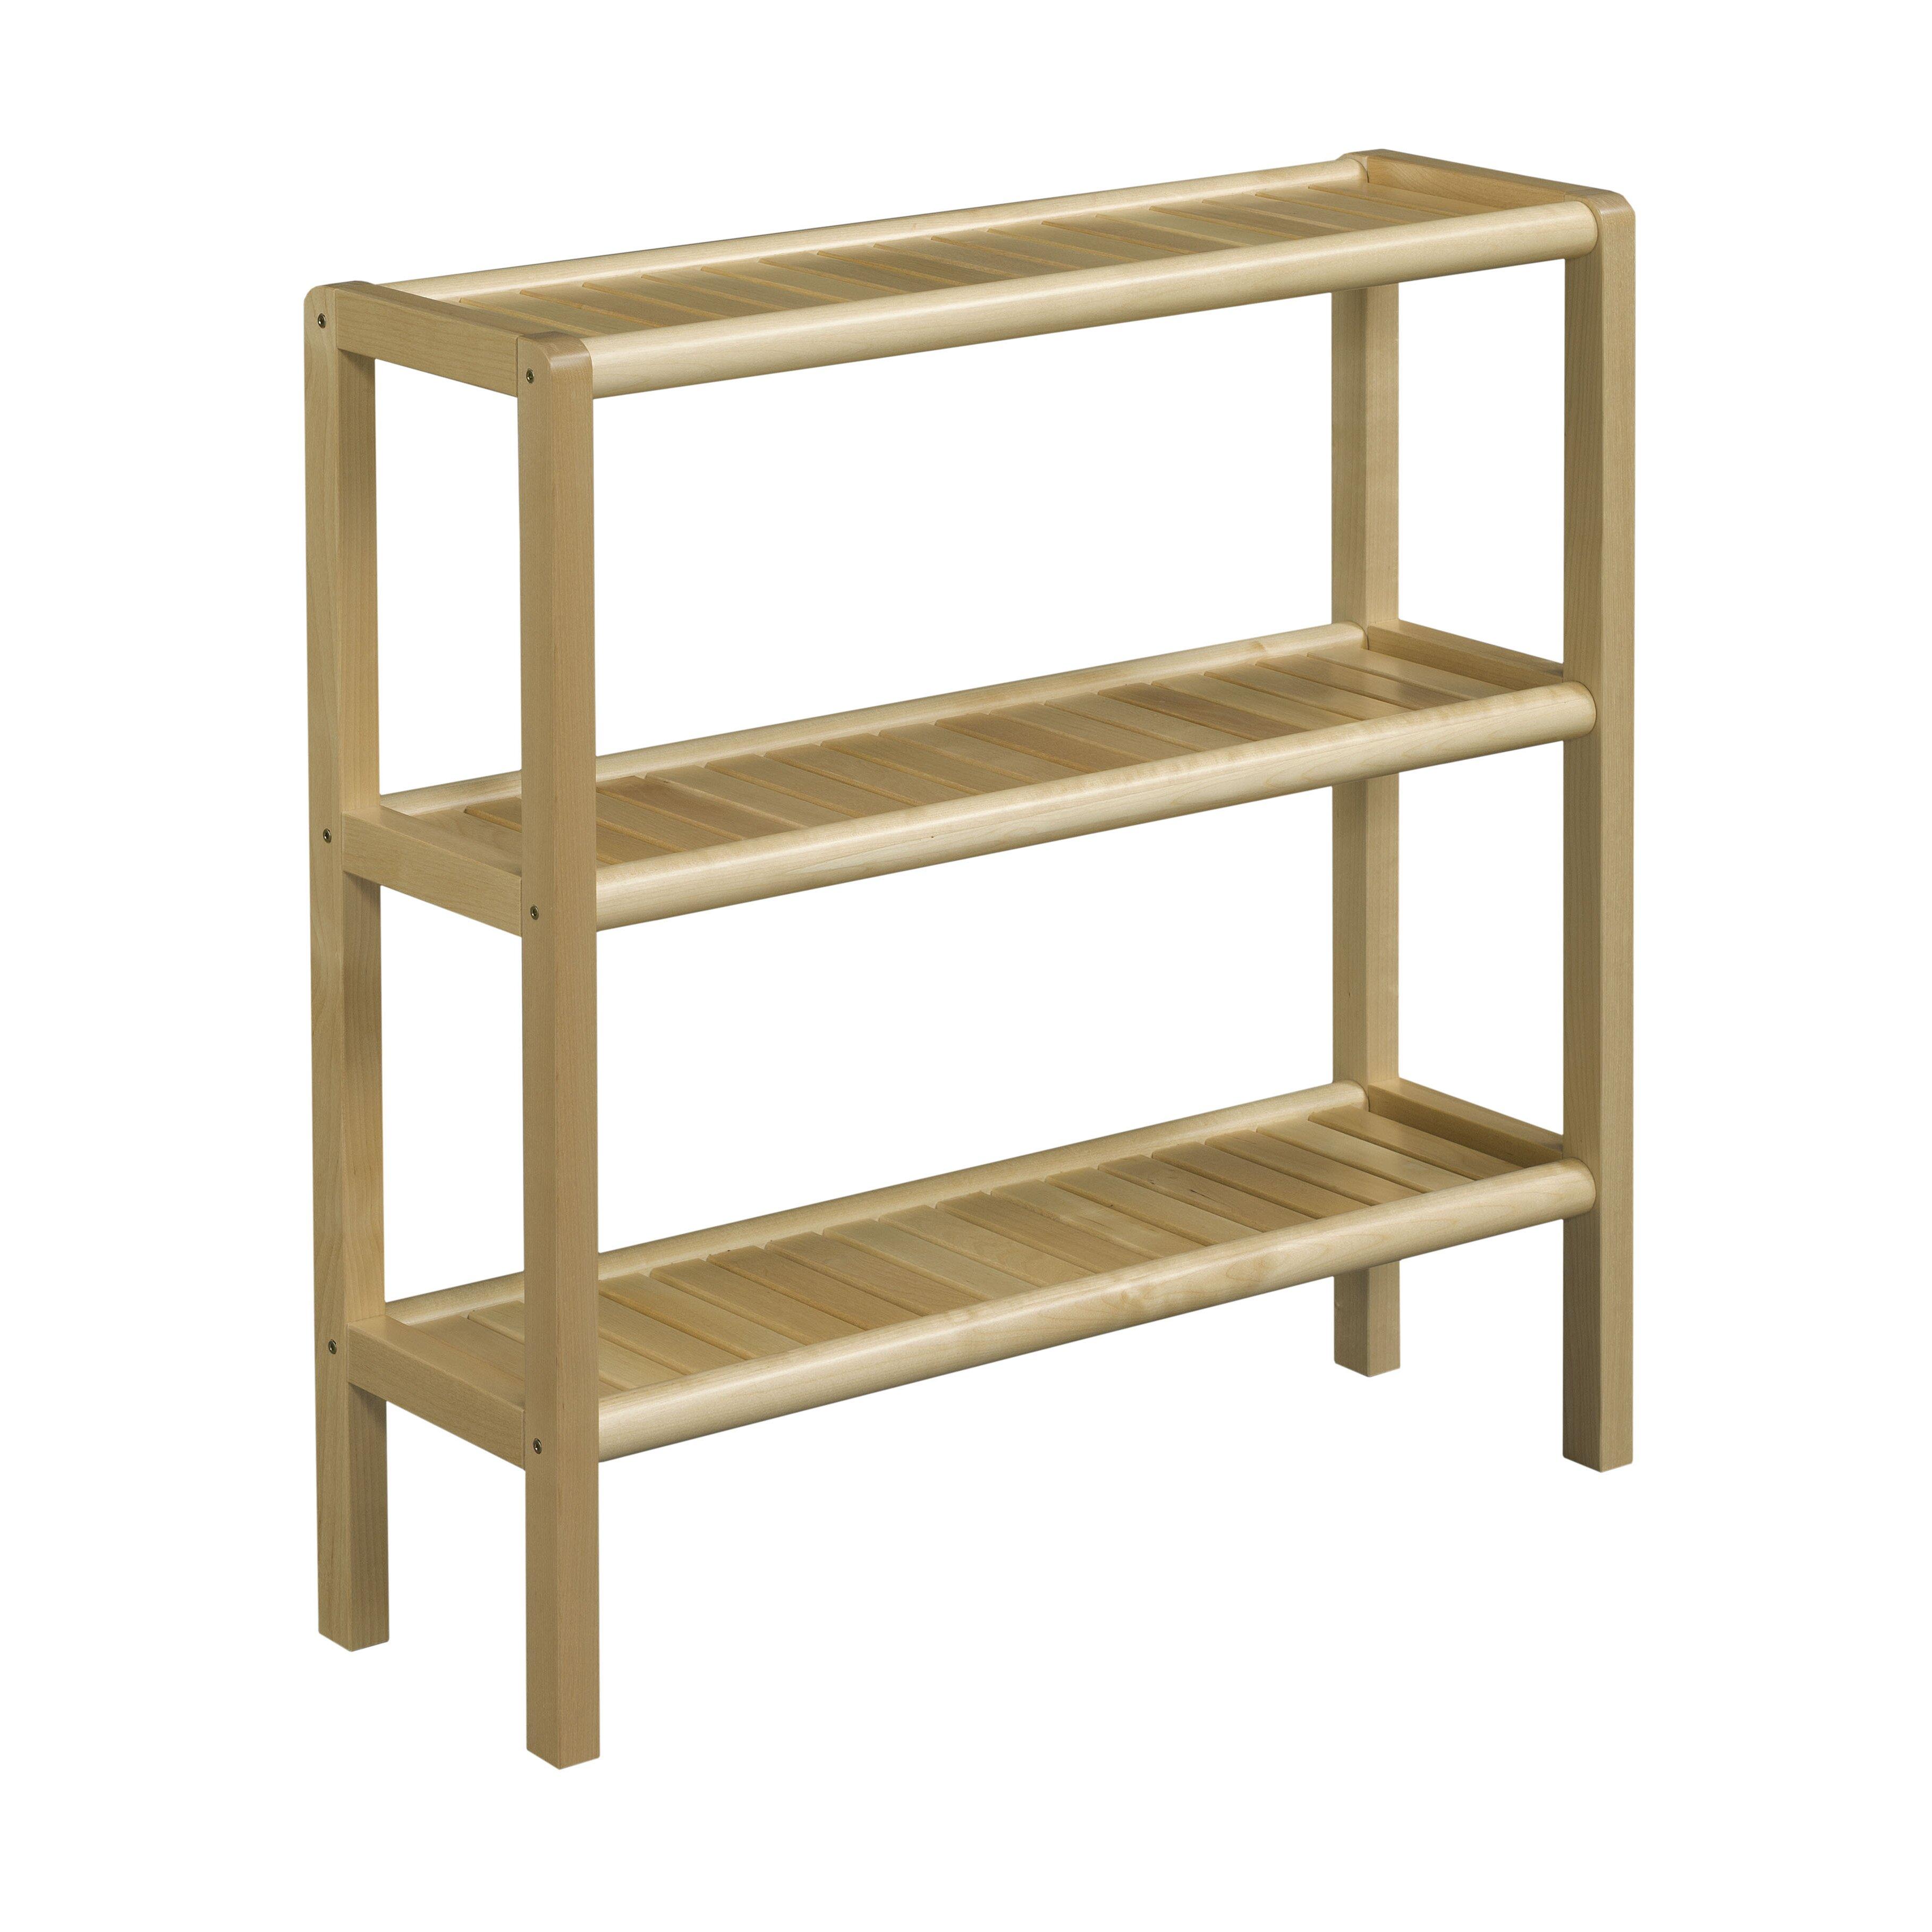 new ridge home goods abingdon 29 etagere bookcase